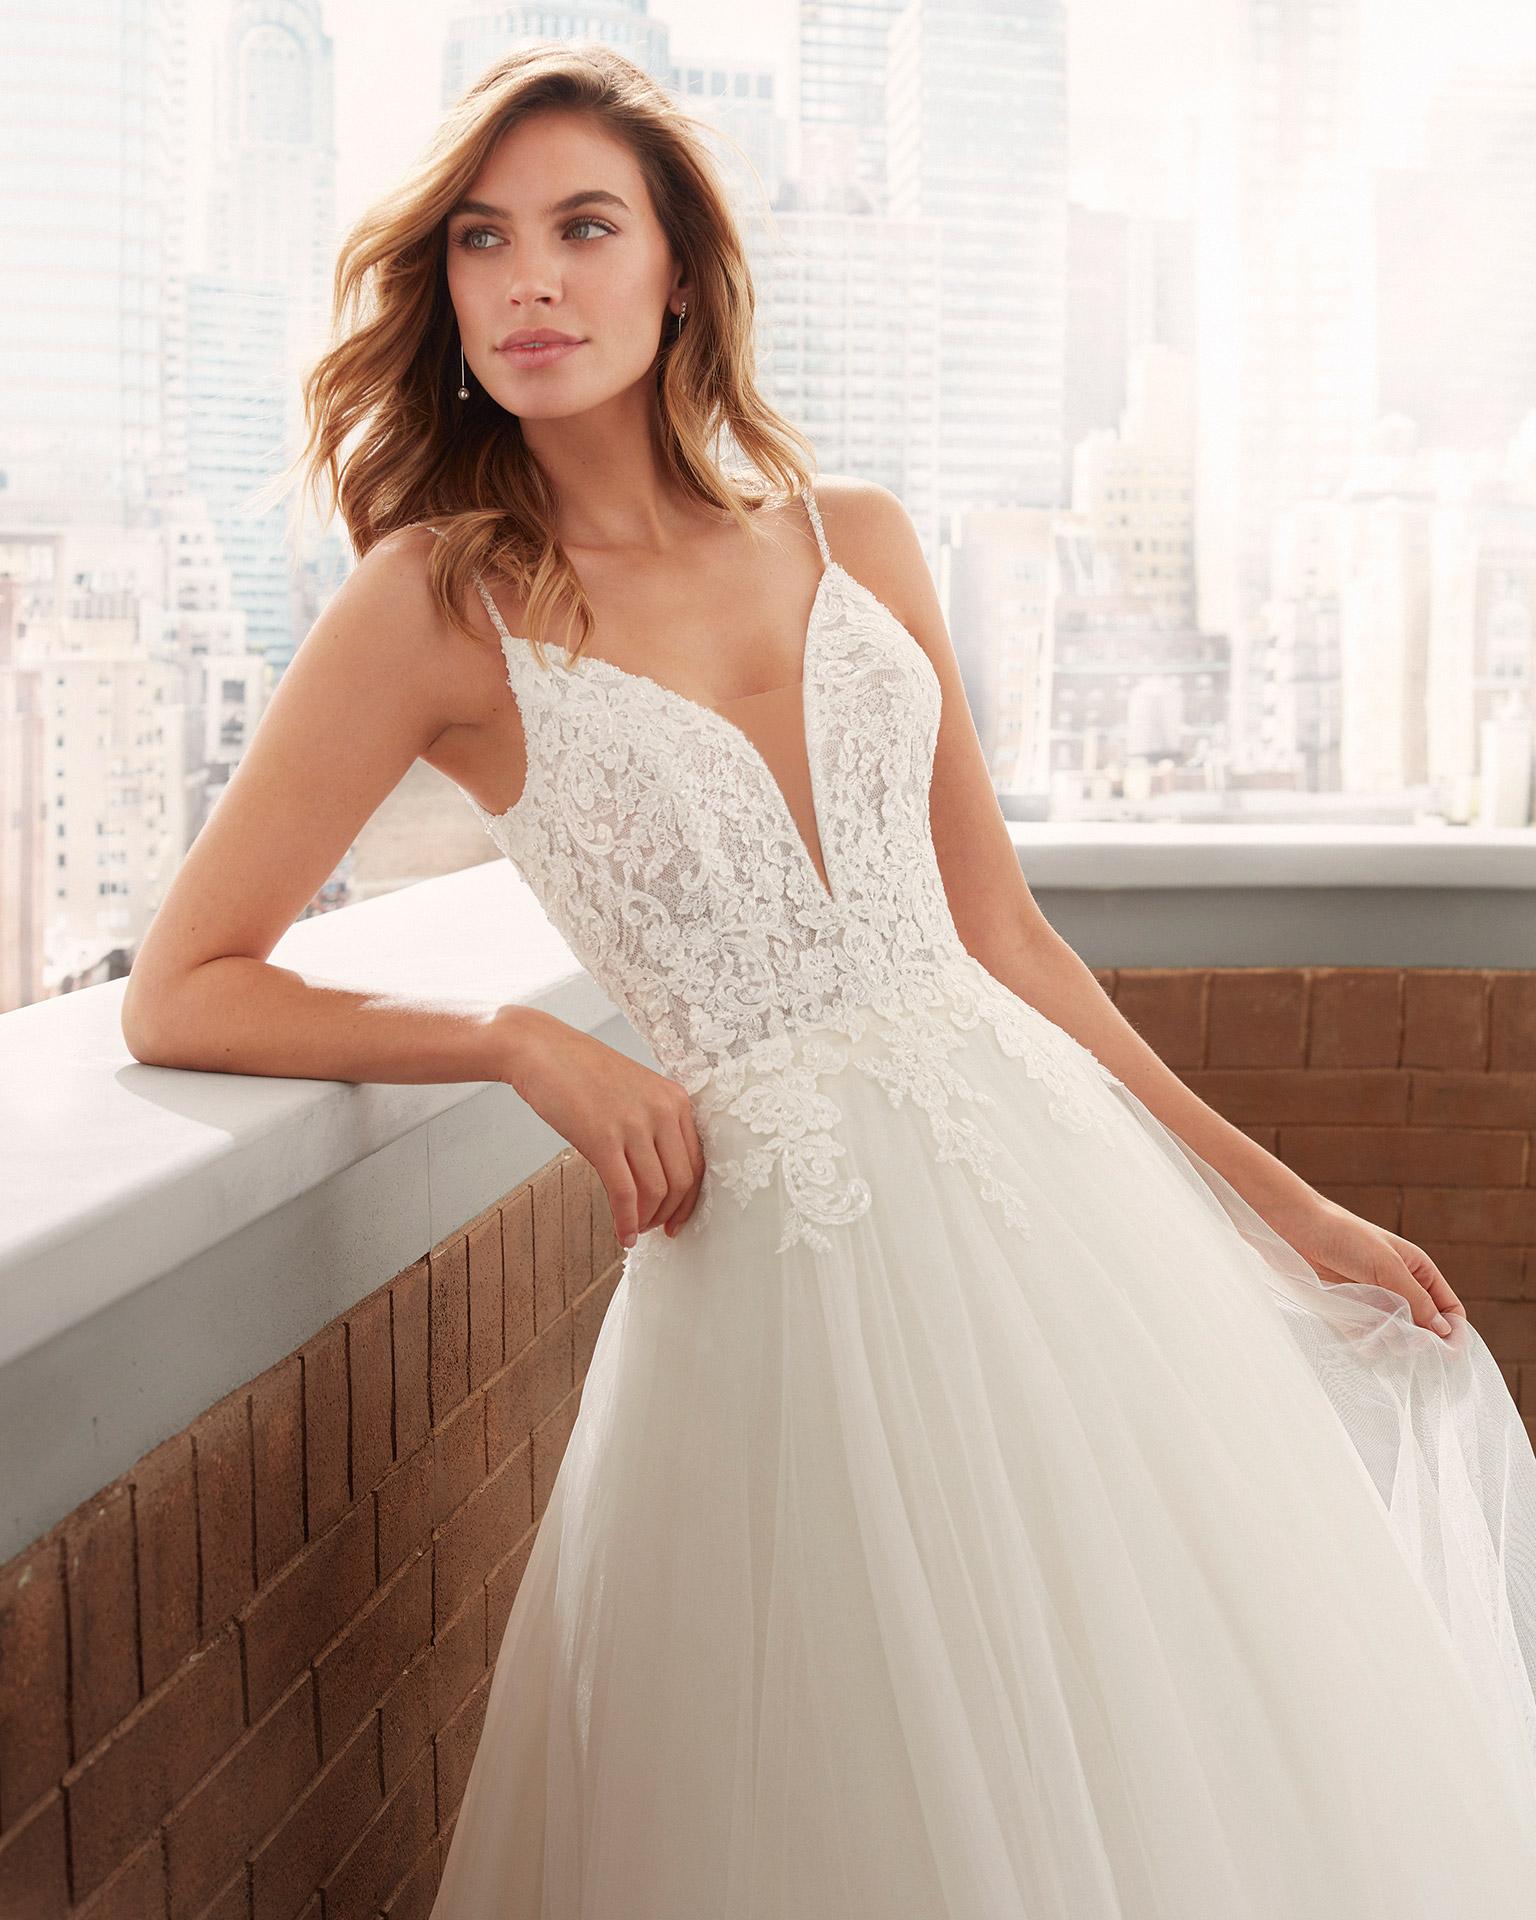 Vestido de novia estilo romántico de tul suave, encaje y pedrería con escote deep-plunge y espalda escotada. Colección  2020.